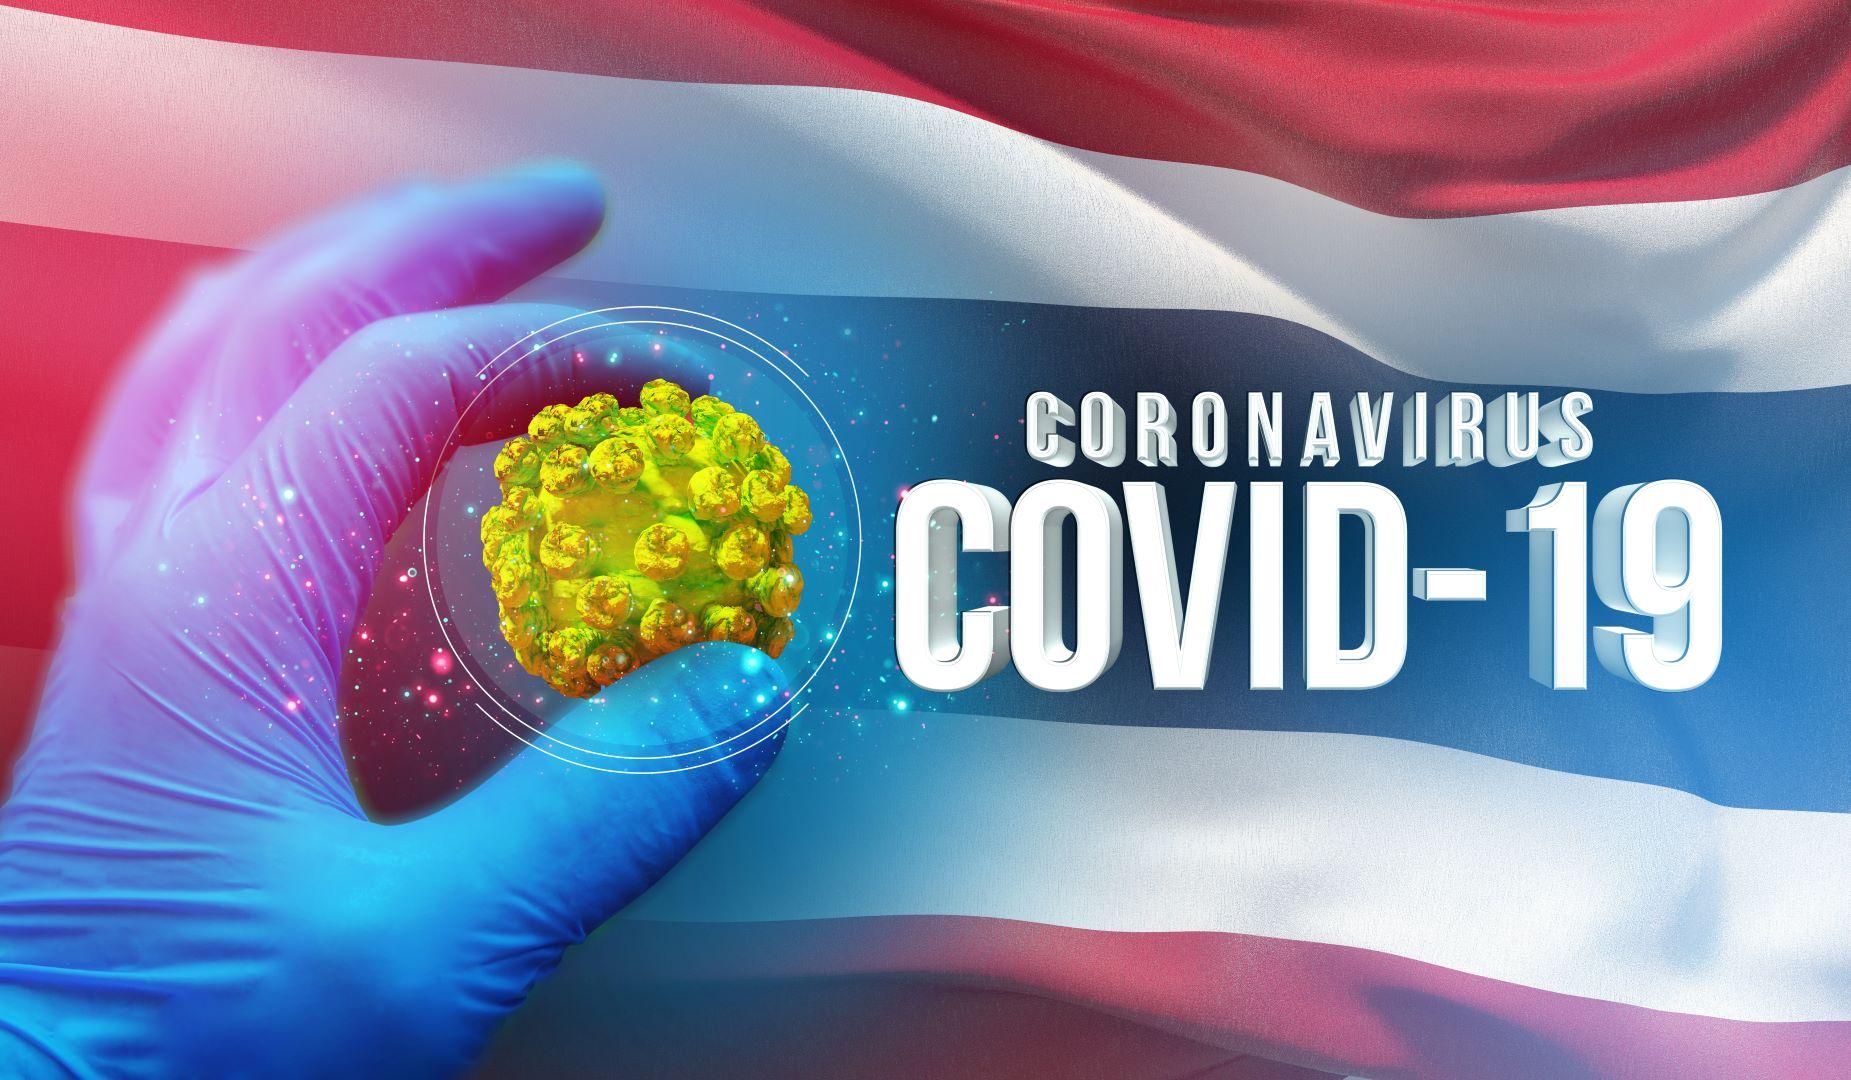 พลเมืองไทย สู้ภัยวิกฤติ สร้างโมเดลหยุดไวรัสร้าย thaihealth